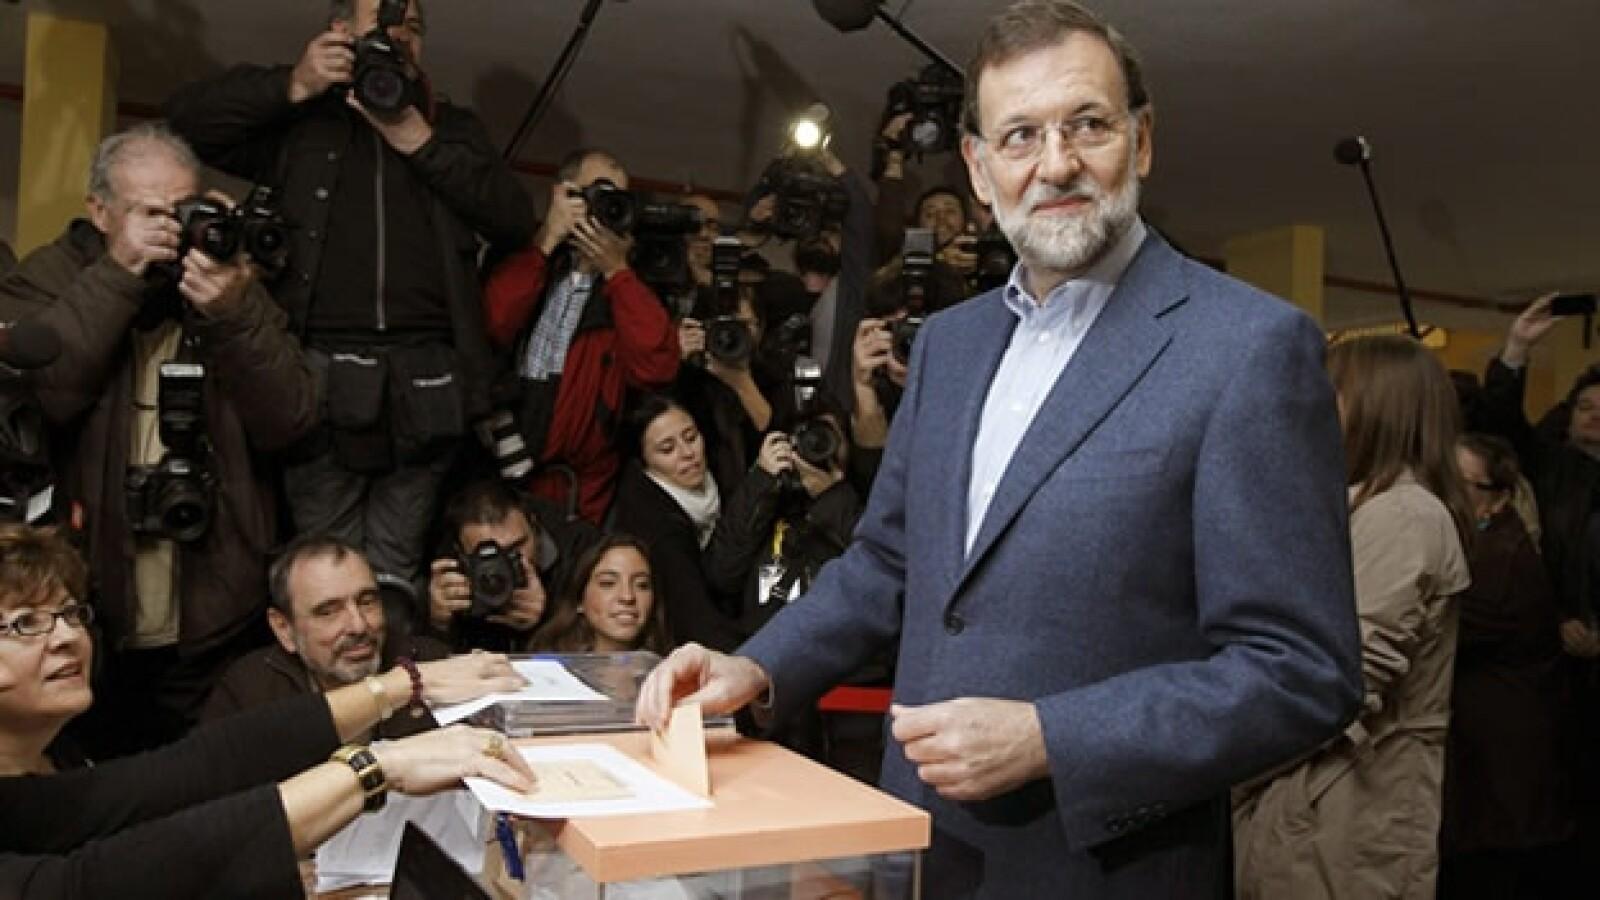 espana mariano rajoy elecciones 20n